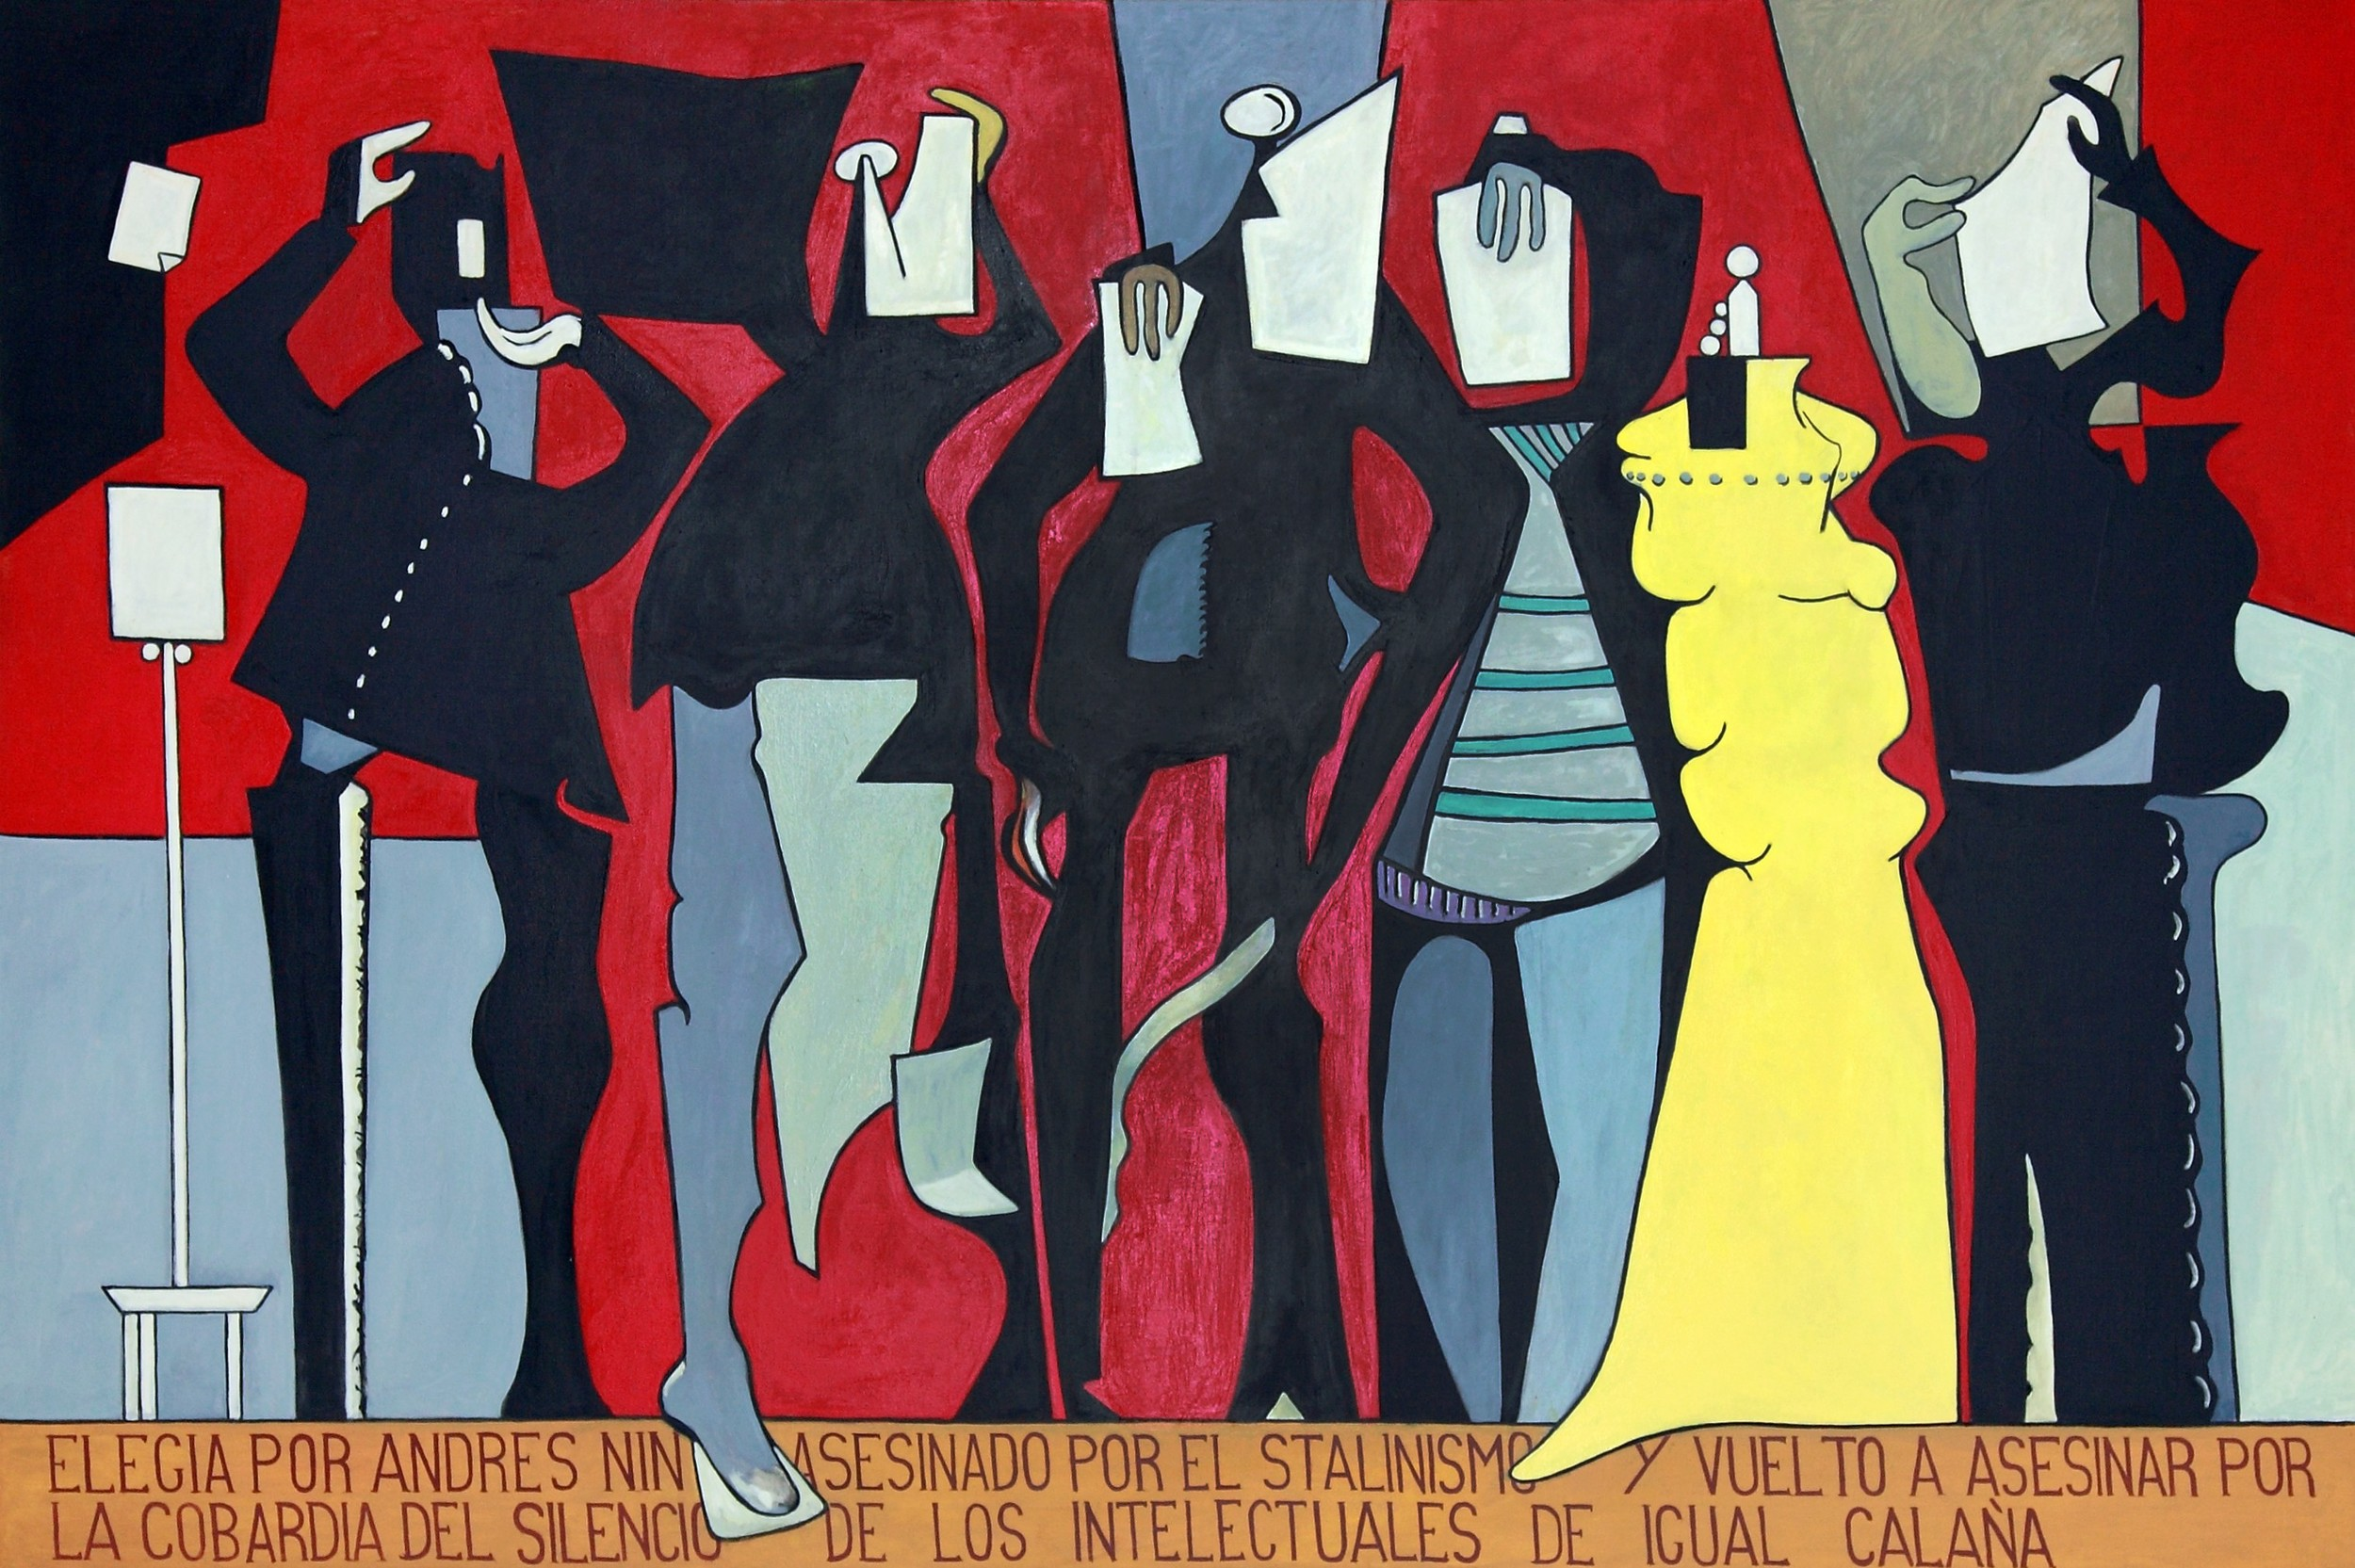 Elegía por Andrés Nin (Elegy for Andrés Nin) 1991